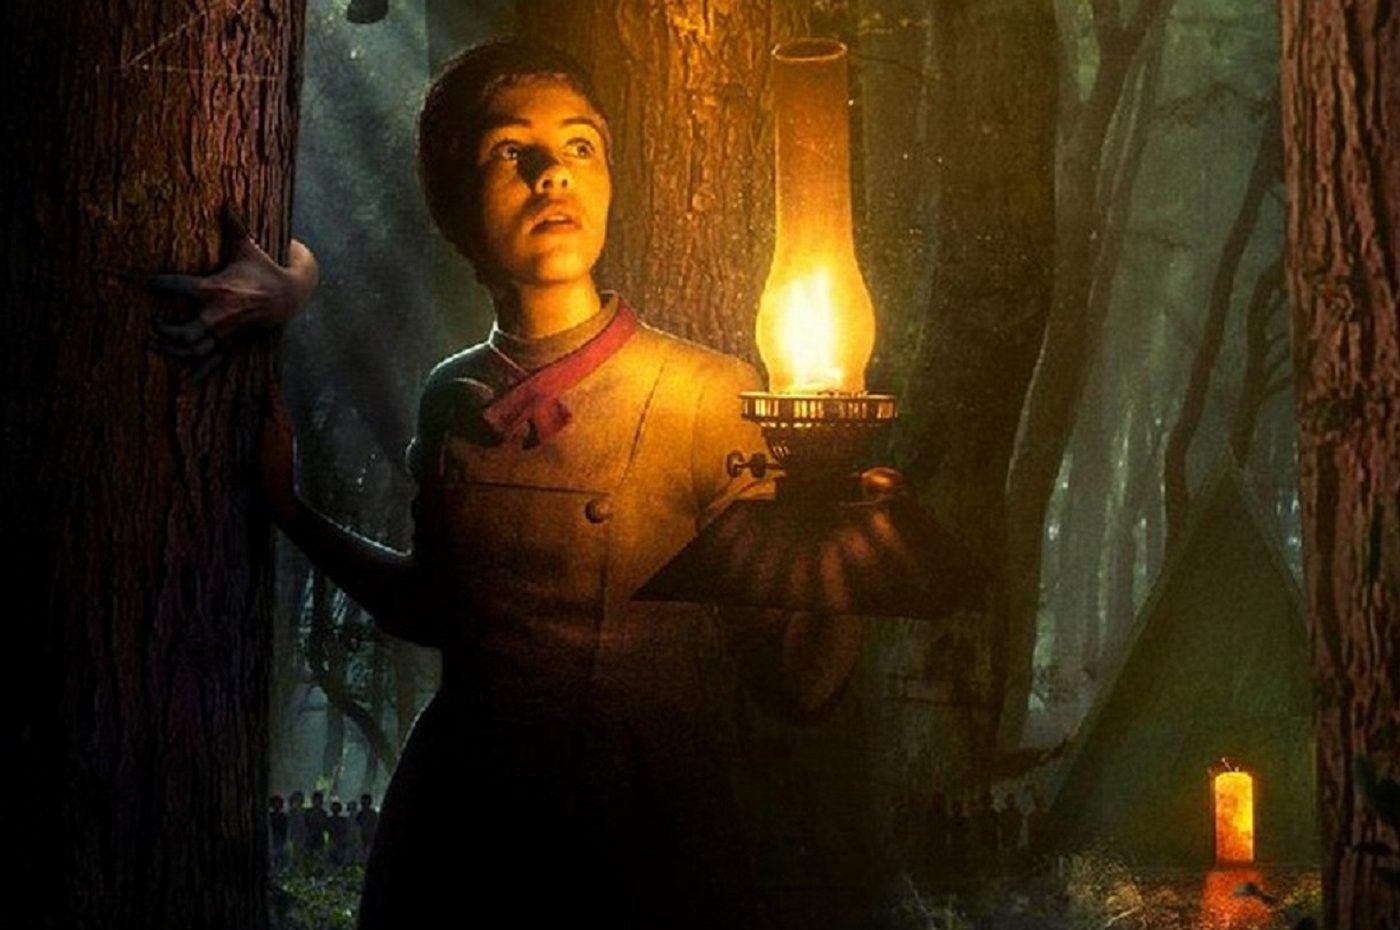 Hansel et Gretel, le film d'horreur que l'on a déjà envie de voir